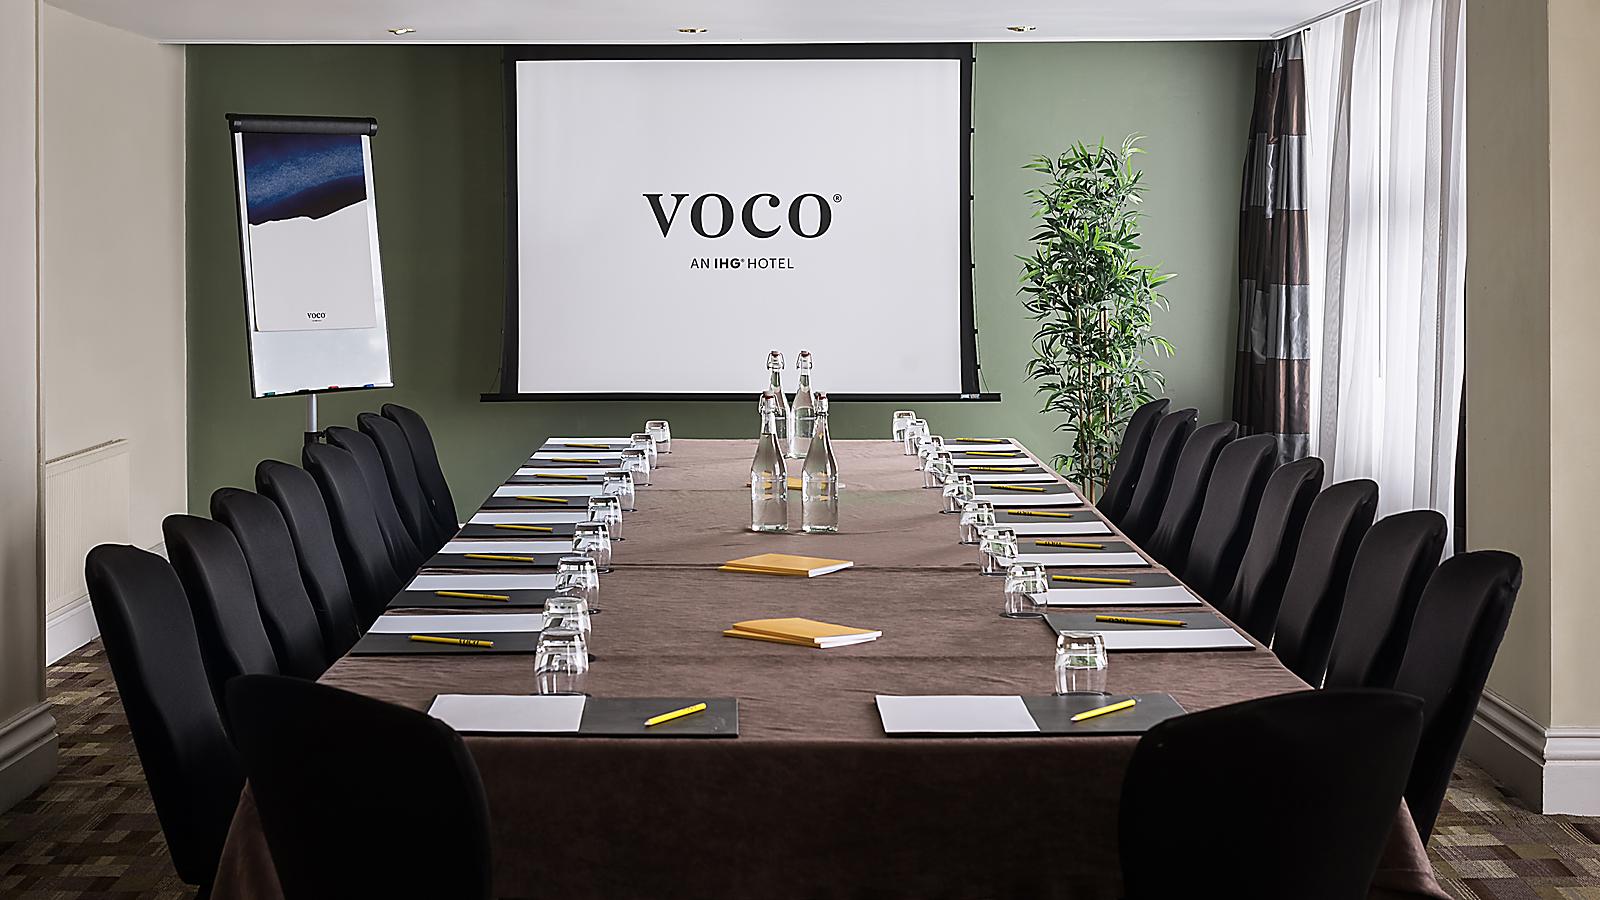 voco Meetings